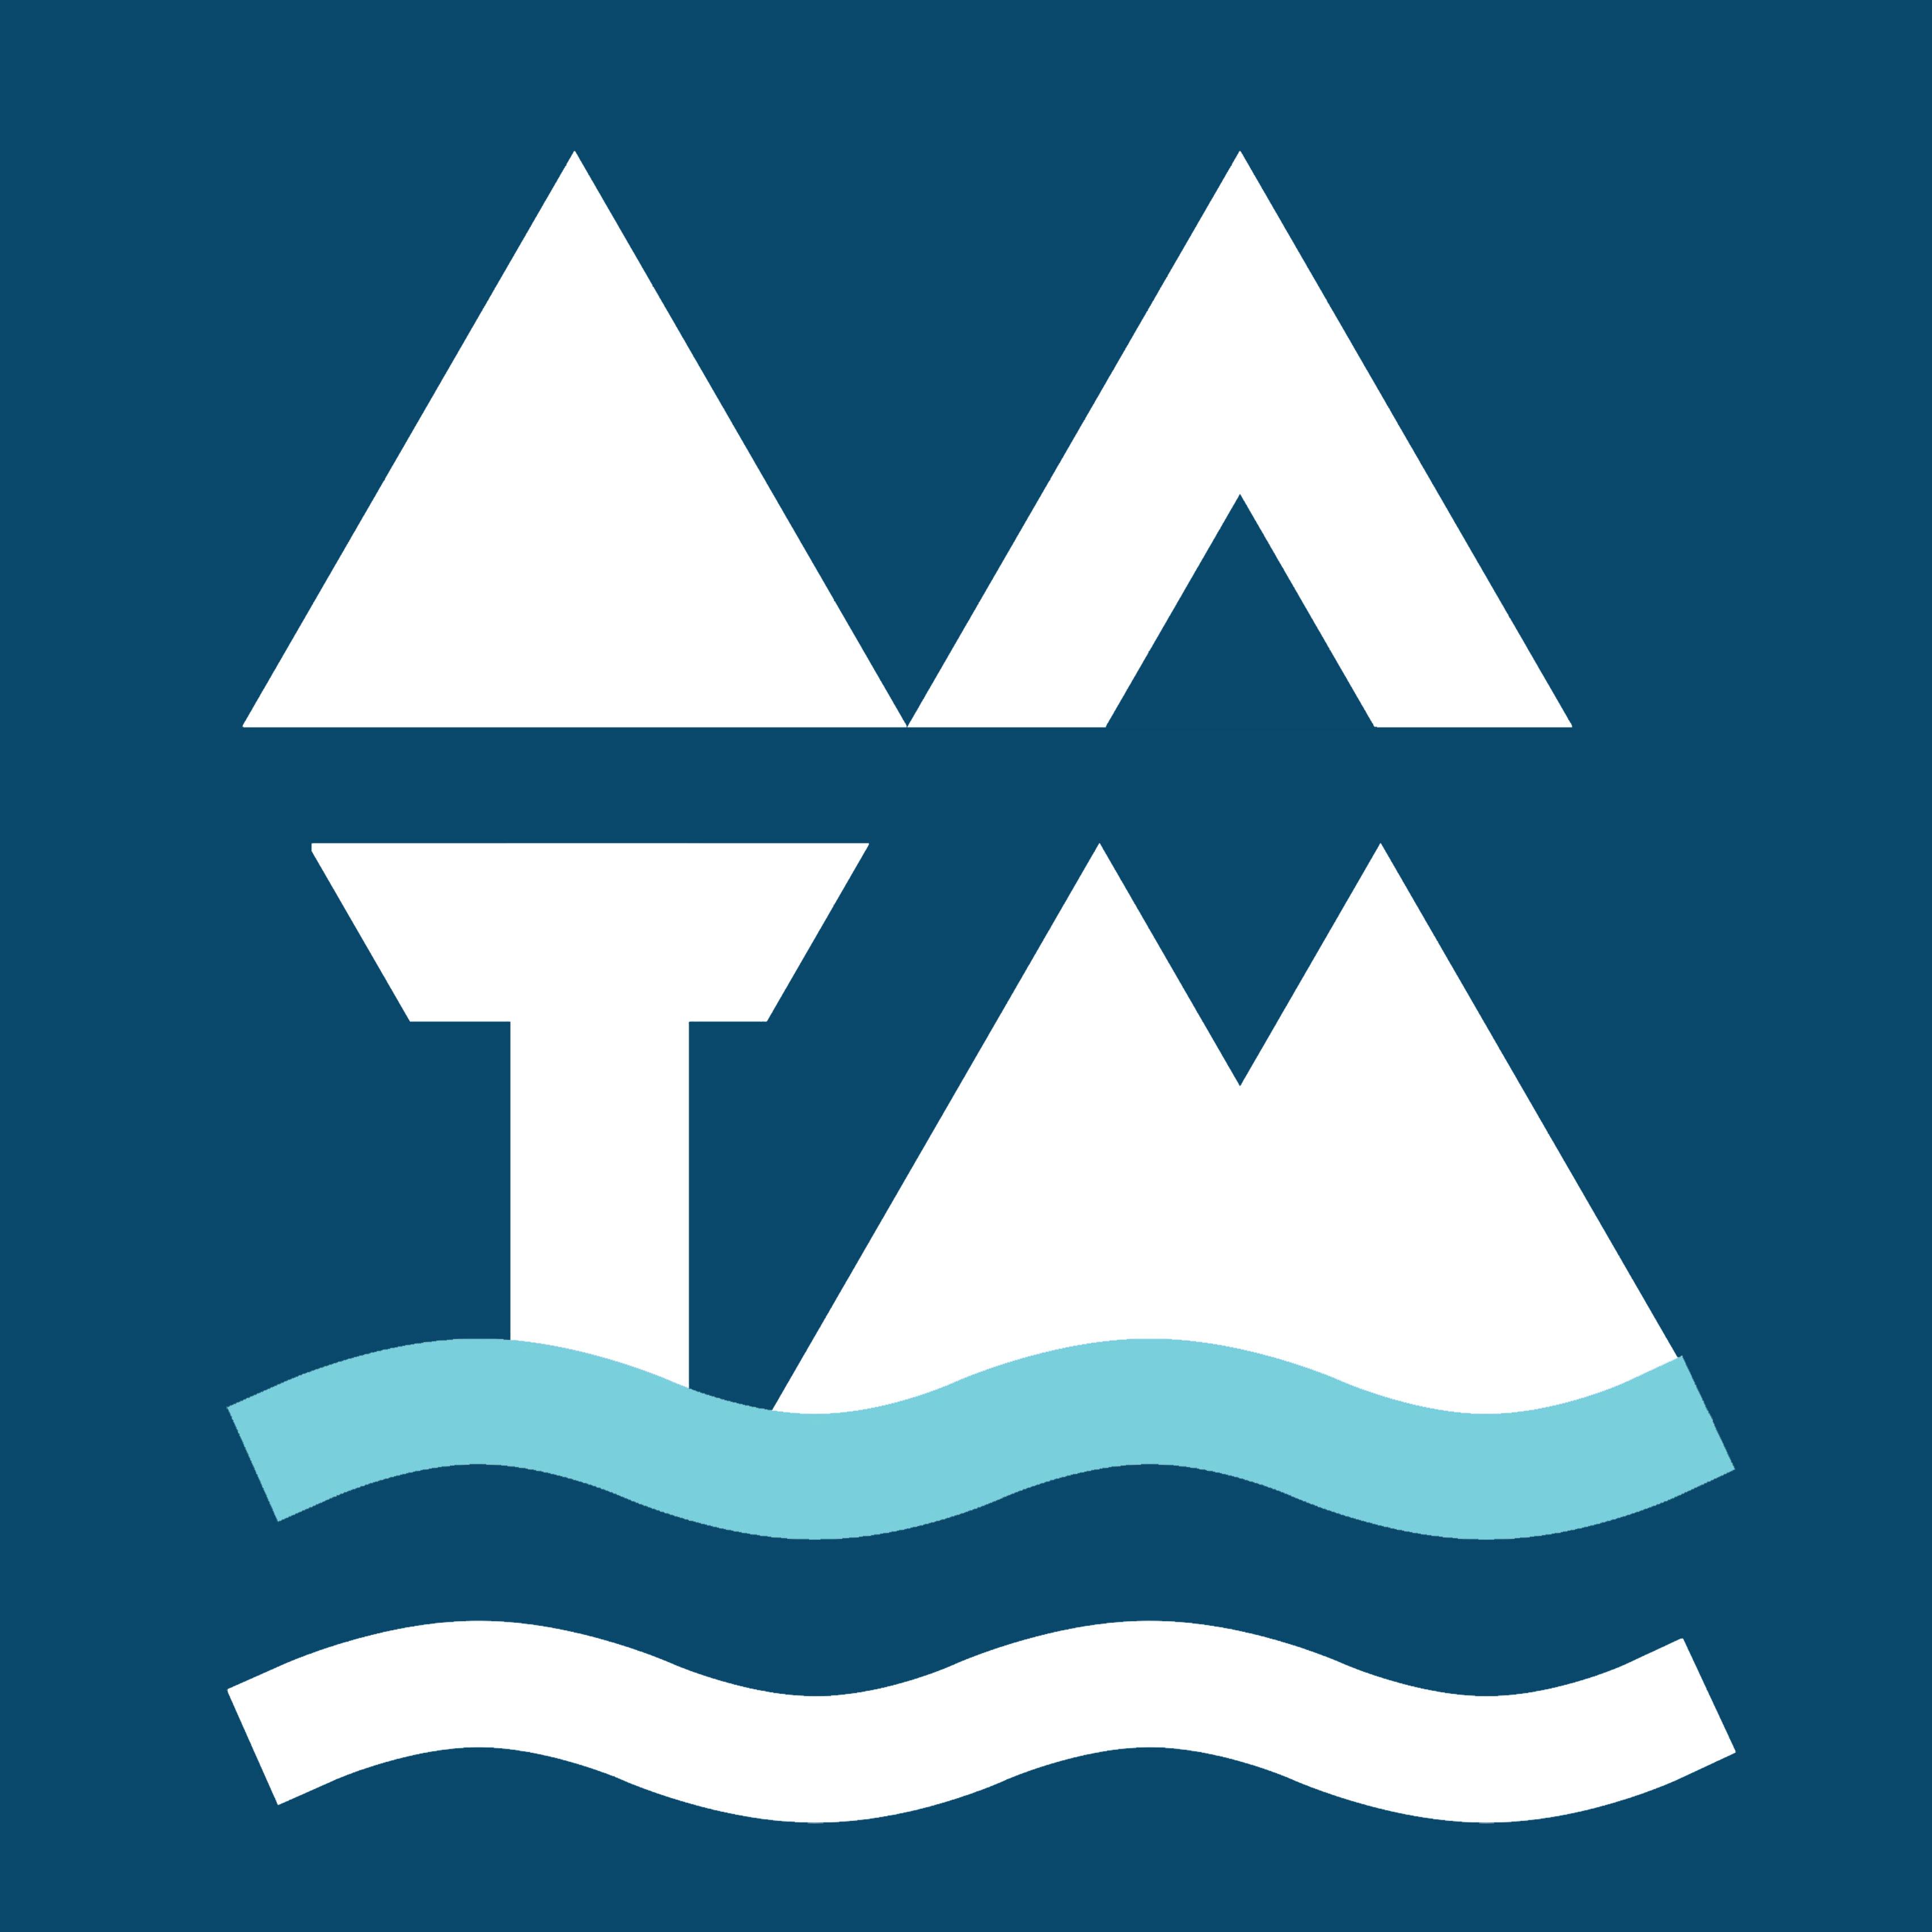 Πρόσκληση Συνεδρίασης Δημοτικού Λιμενικού Ταμείου Μαρκοπούλου Μεσογαίας 14-10-2020